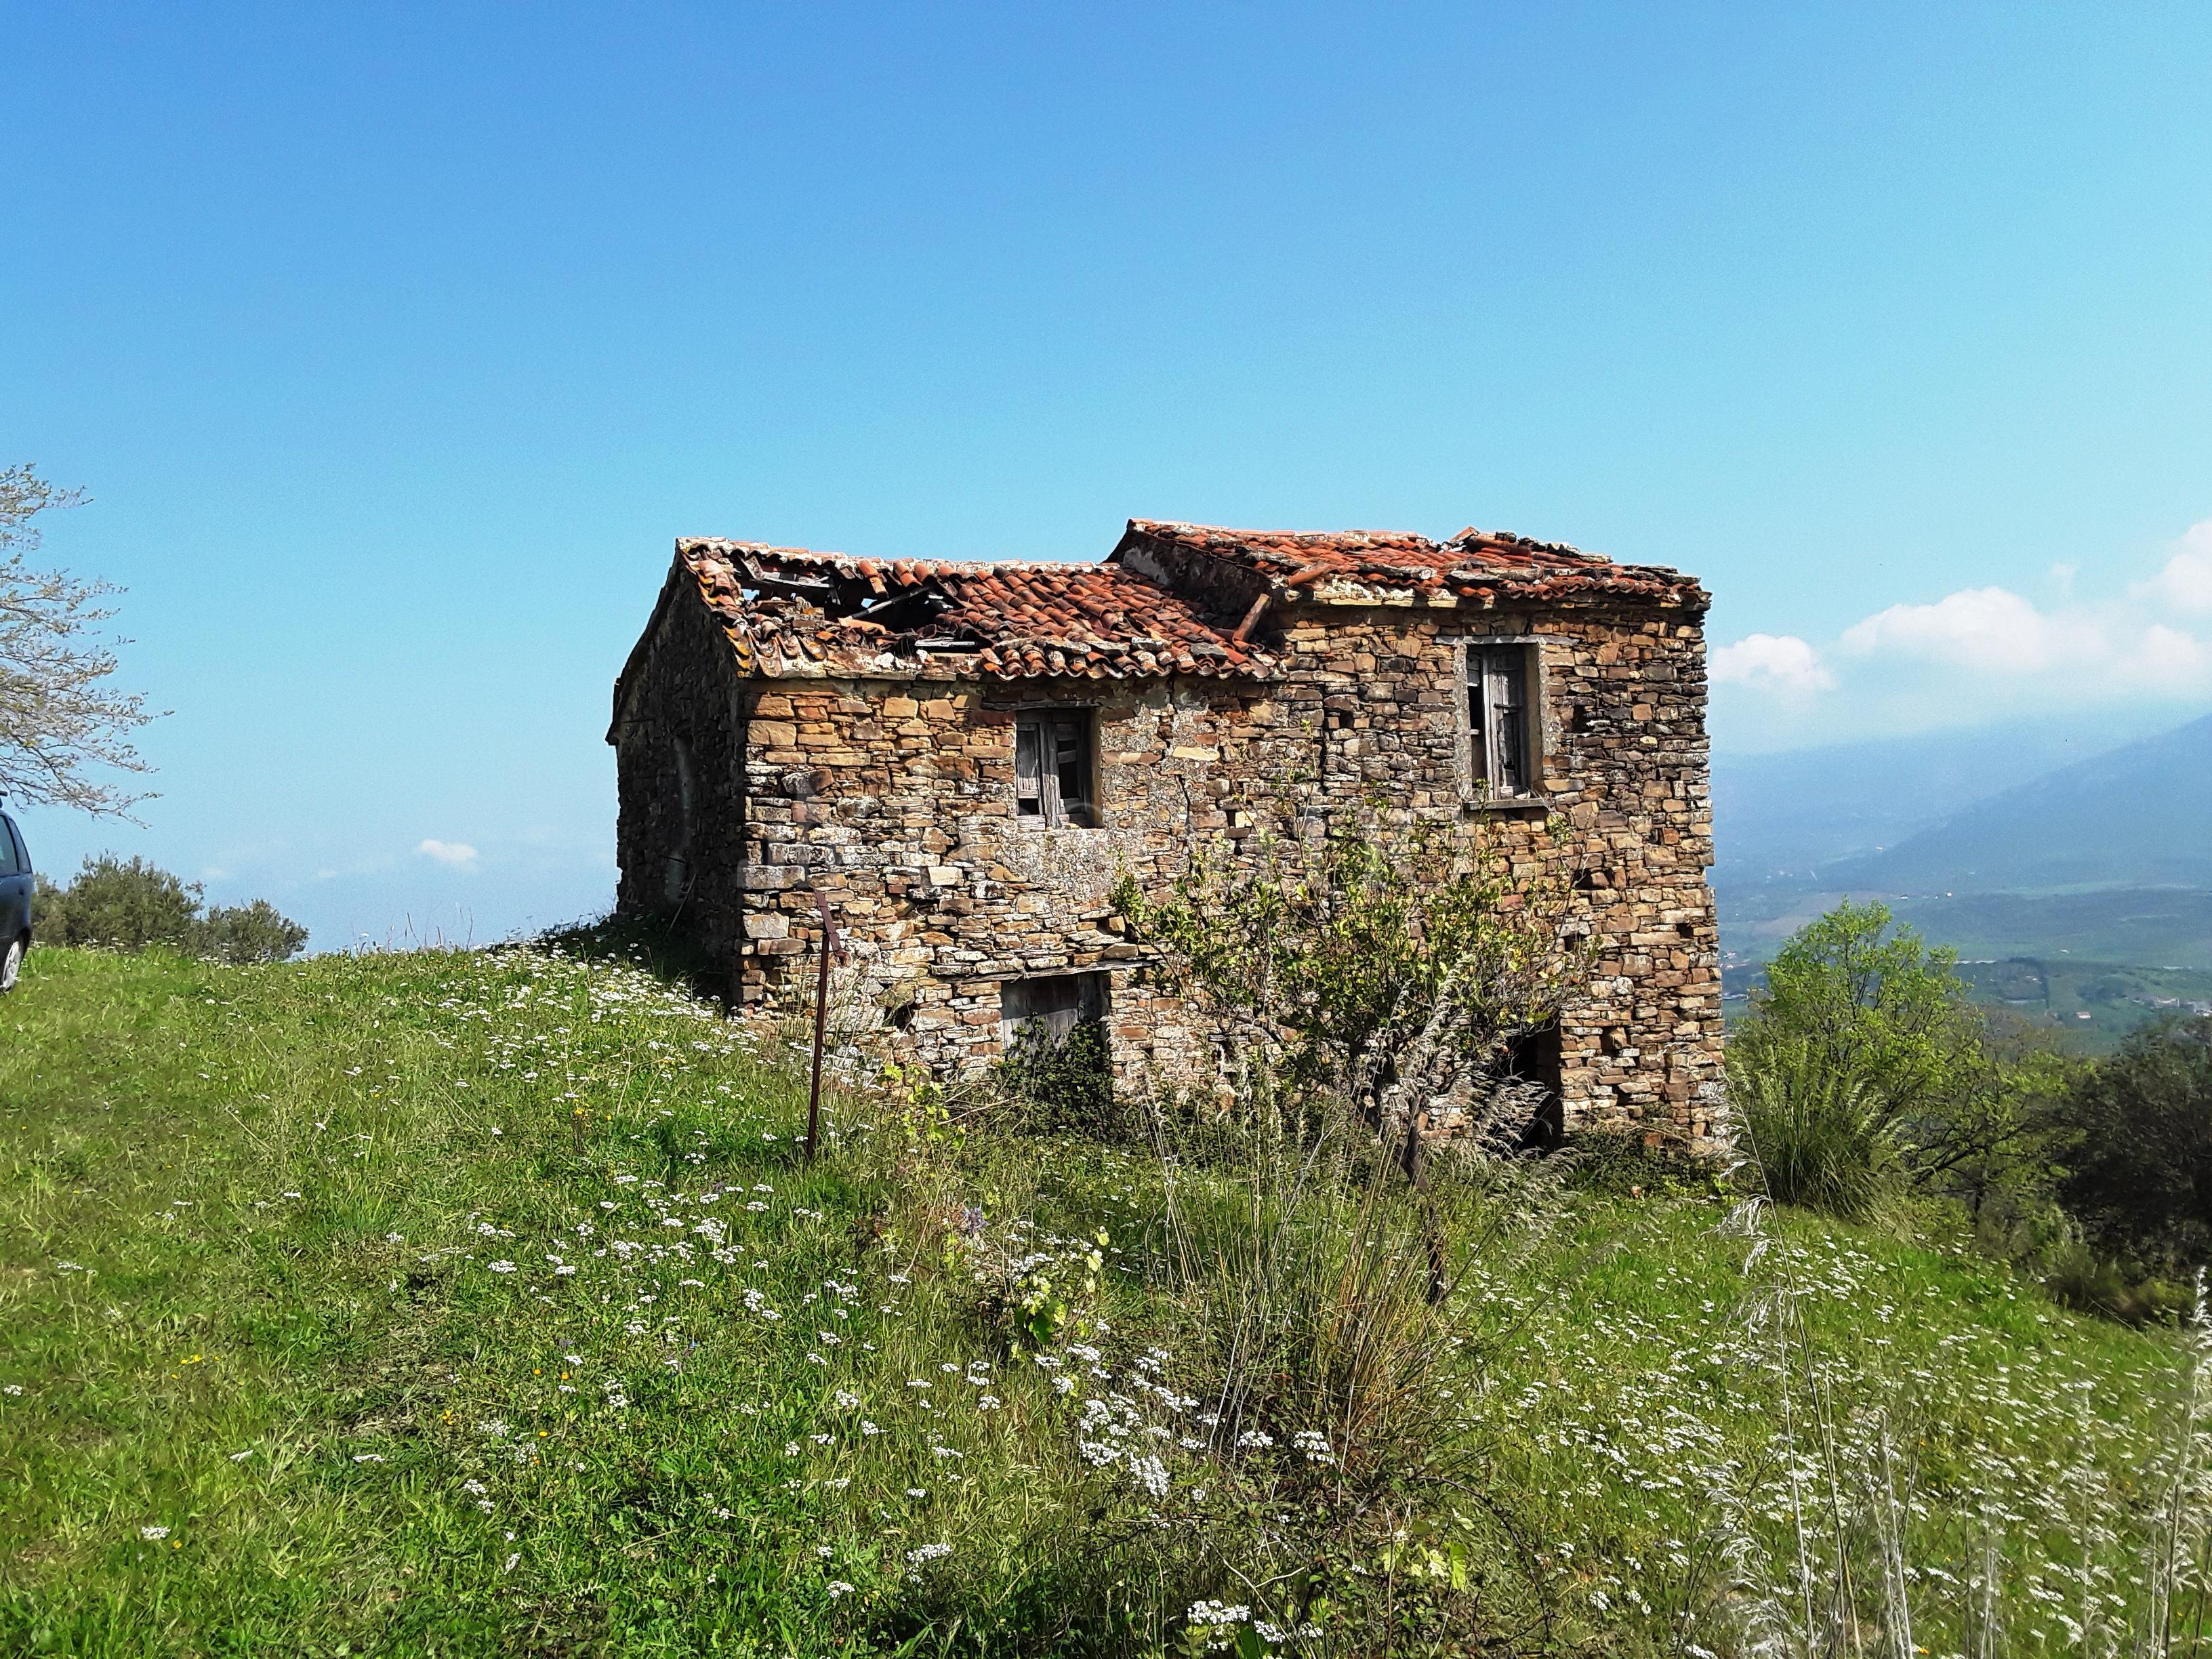 Vendita casale a agropoli in agropoli localit piedi zita 21 2017 toscano - Punto immobile salerno ...